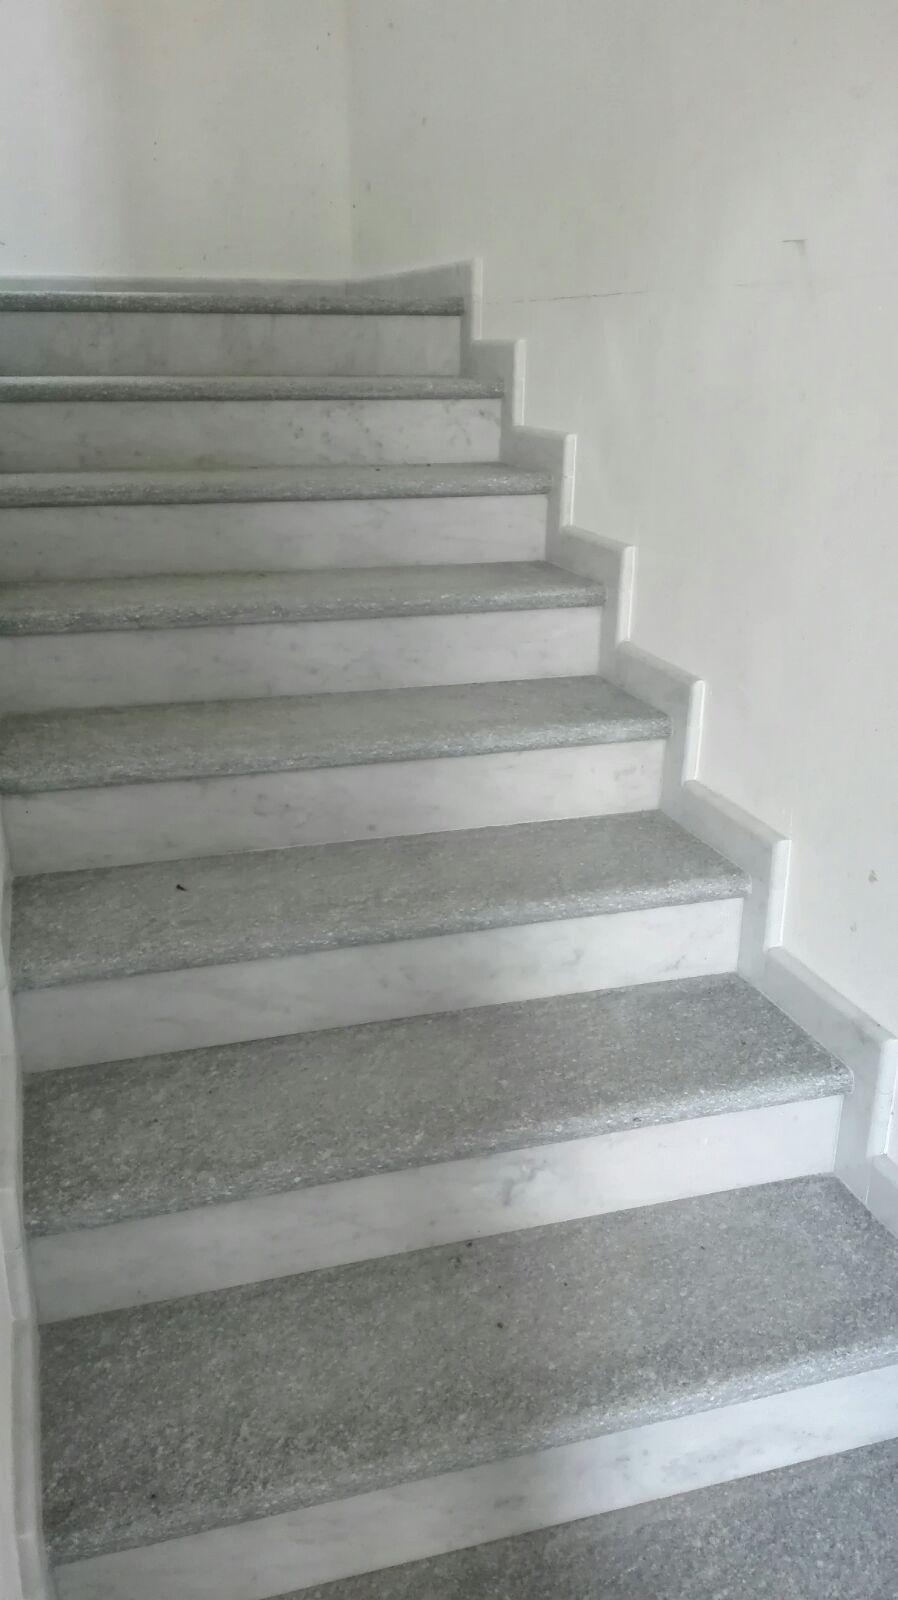 Gradini scala interna in pietra di luserna spazzolata, alzate in marmo bianco levigato